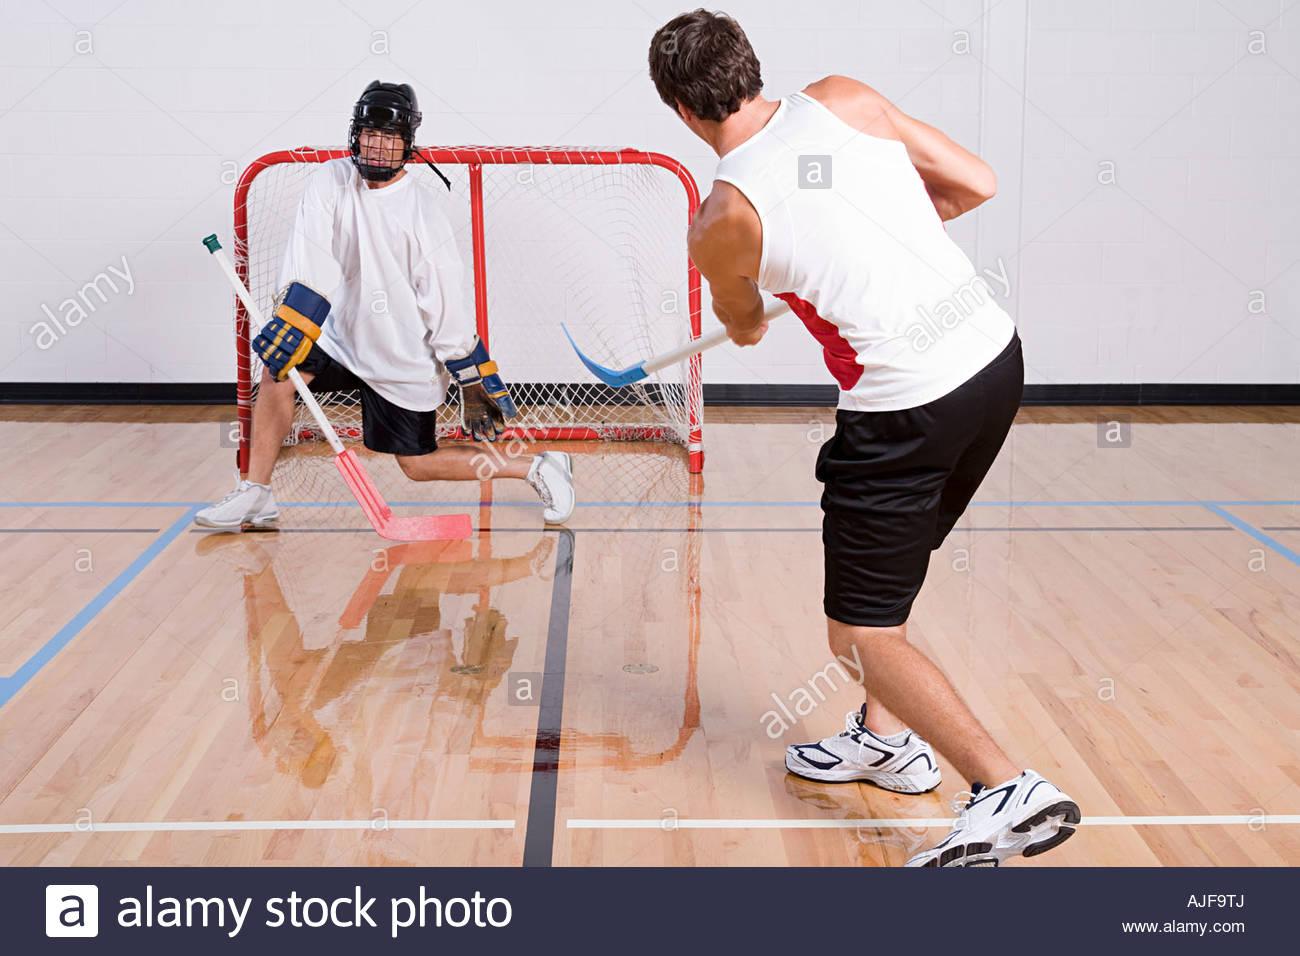 Portiere di Hockey effettuare un salvataggio Immagini Stock